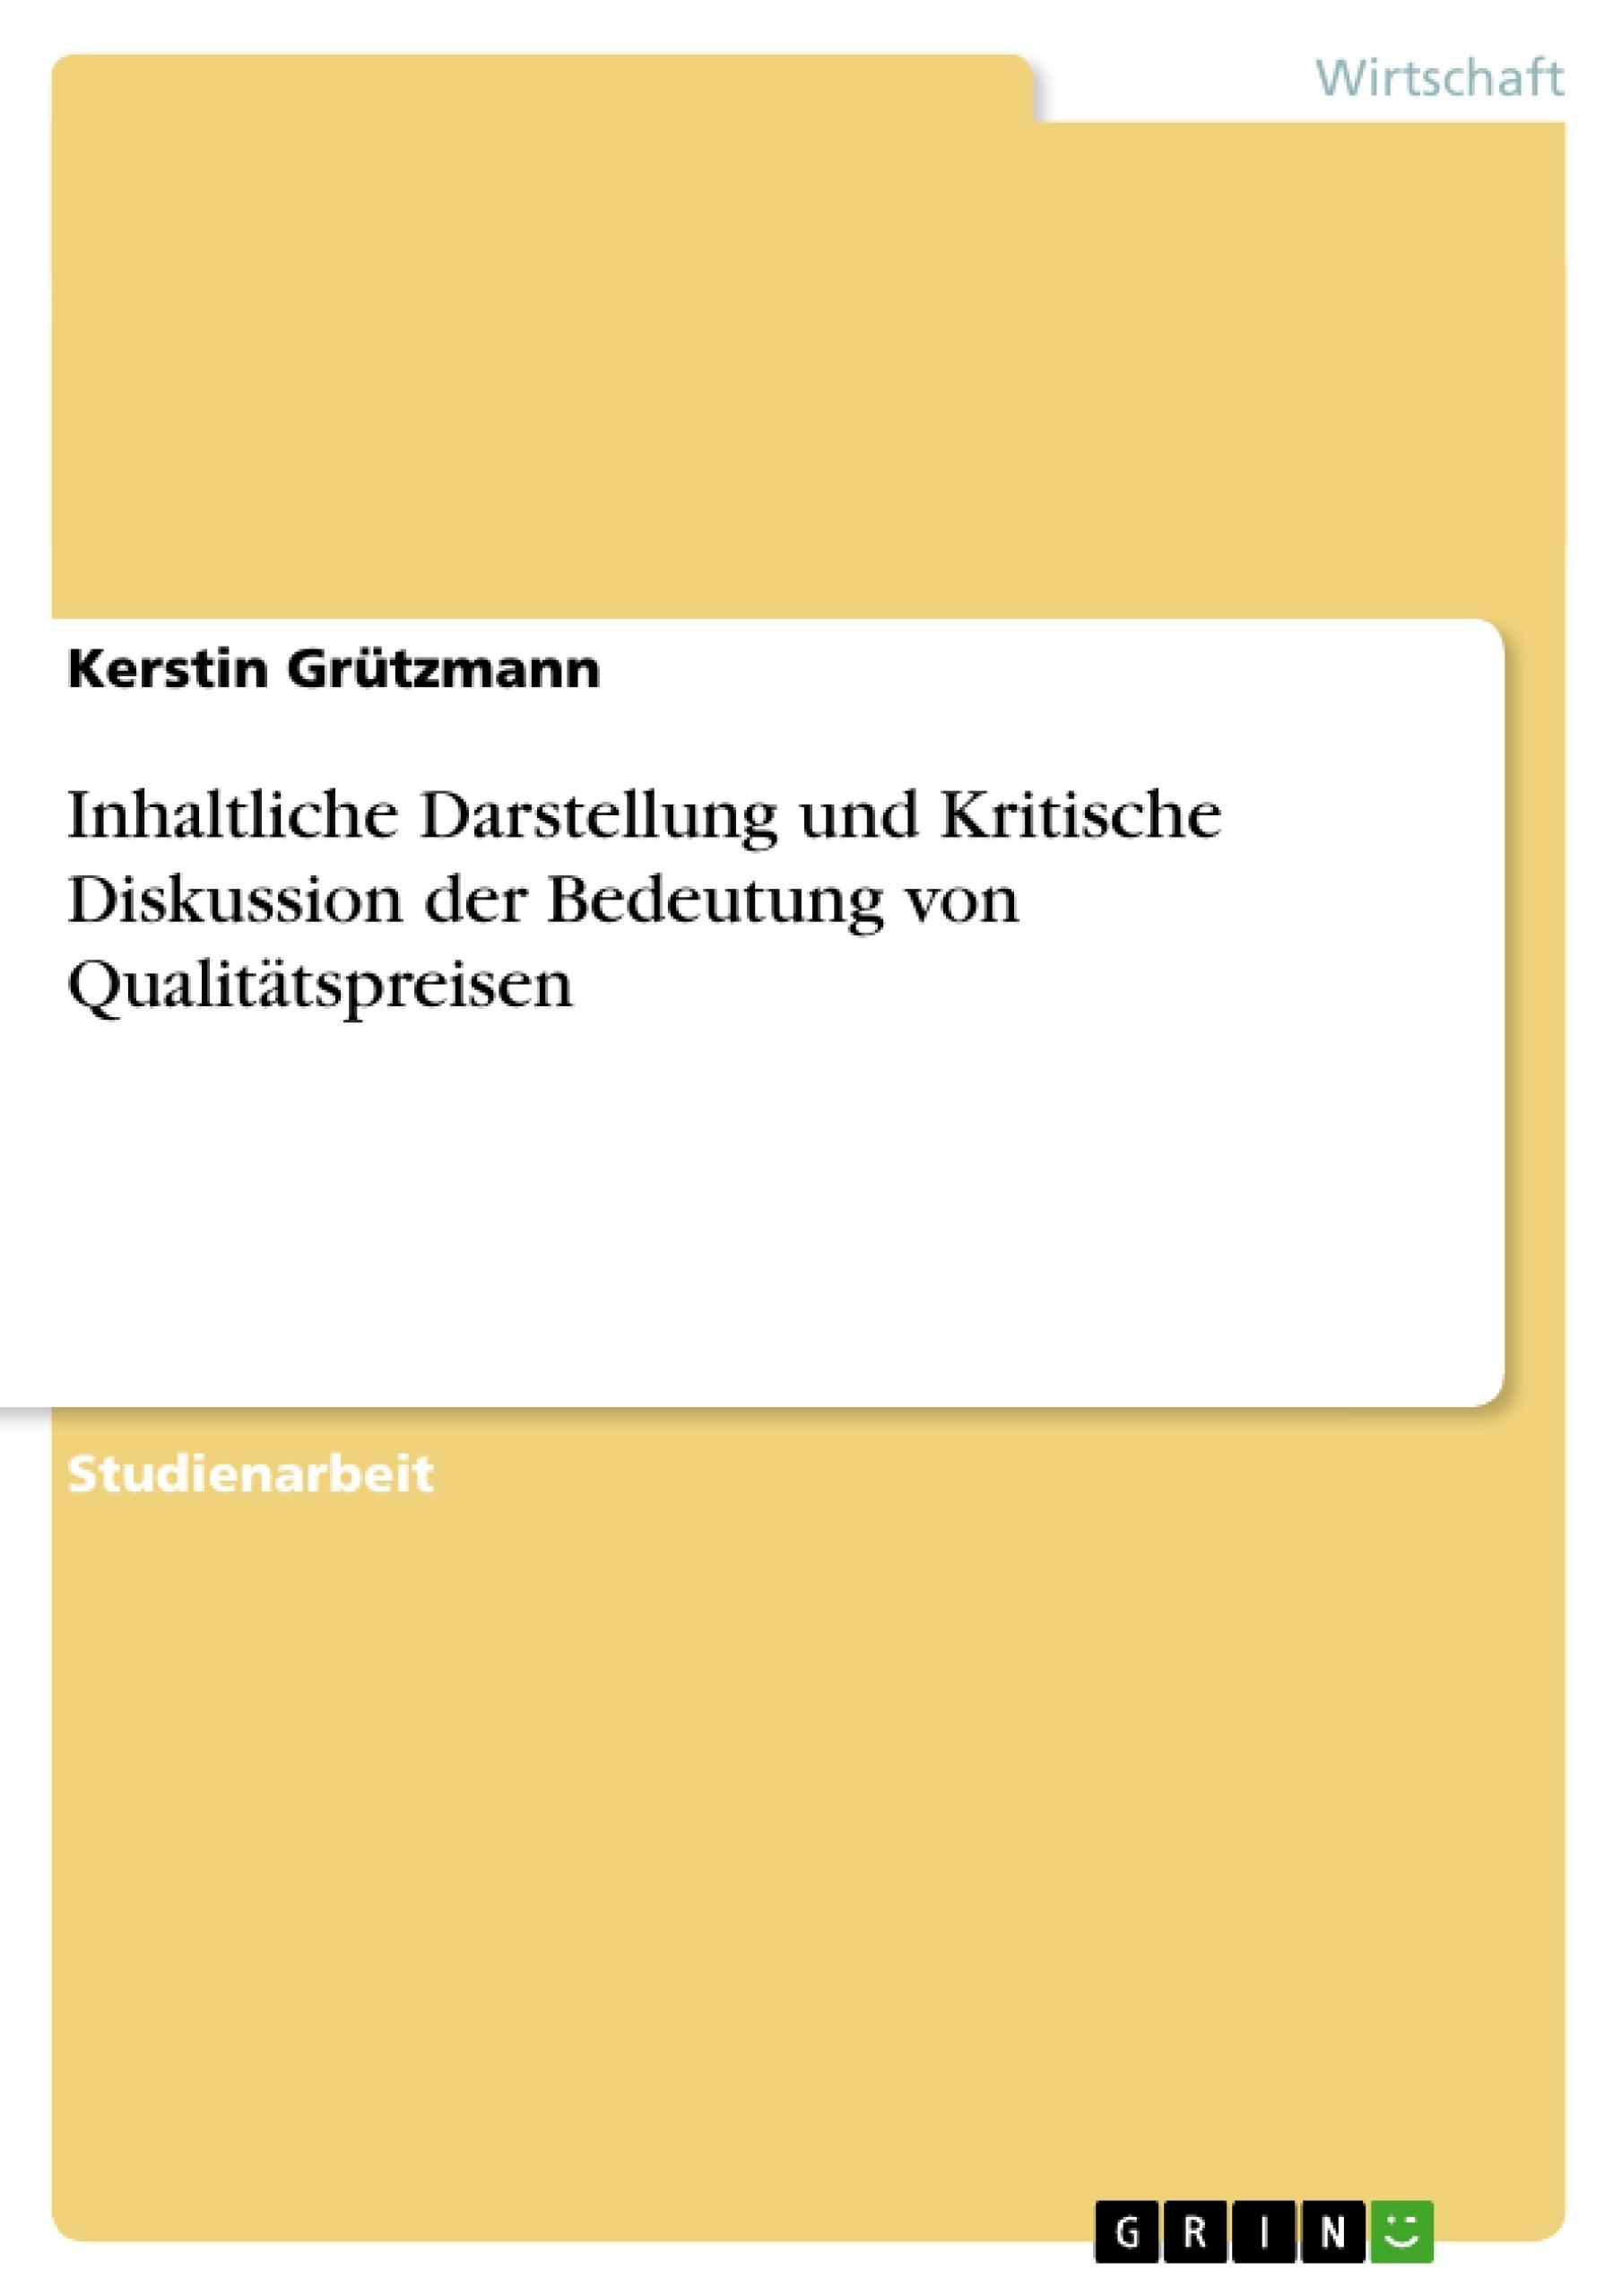 Titel: Inhaltliche Darstellung und Kritische Diskussion der Bedeutung von Qualitätspreisen